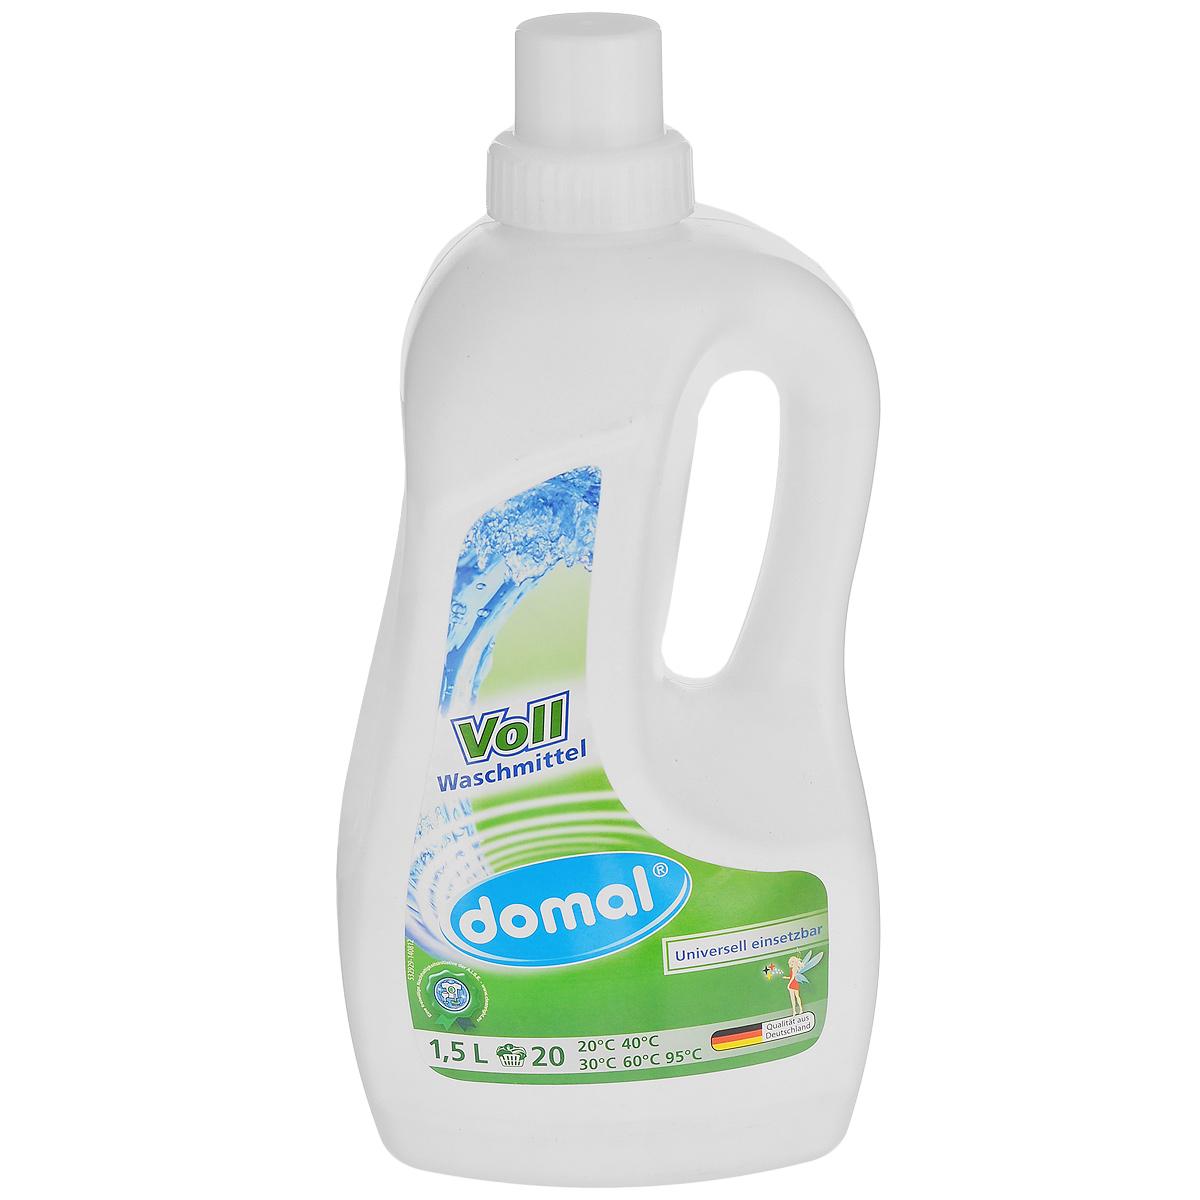 Жидкое средство Domal для цветного белья, универсальное, 1,5 л129591Универсальное жидкое средство Domal - лучший выбор для идеальной чистоты и совершенного ухода! Благодаря активной формуле с эффектом интенсивного пятноудаления, средство безупречно растворяет всевозможные, даже глубоко въевшиеся и застарелые загрязнения, в том числе жировые и масляные пятна, даже при низких температурах стирки. Предназначен для стирки изделий из хлопка, синтетических и смесовых тканей всех цветов. Бережно заботится о цвете и волокнах тканей, не повреждая их структуру. Сохраняет форму и безупречный первоначальный вид изделий. Имеет свежий аромат. Крышка флакона является удобным дозировочным колпачком, позволяющим использовать средство быстро, легко и экономно. Не применять для шерсти и шелка! Предназначено для всех типов стиральных машин и ручной стирки при температуре от 20° до 95°. Экономичность: 1 флакона средства достаточно более чем для 20 машинных стирок. Состав: 5-15% неионных ПАВ, 5-15% анионных ПАВ, мыло, менее 5% фосфонаты,...